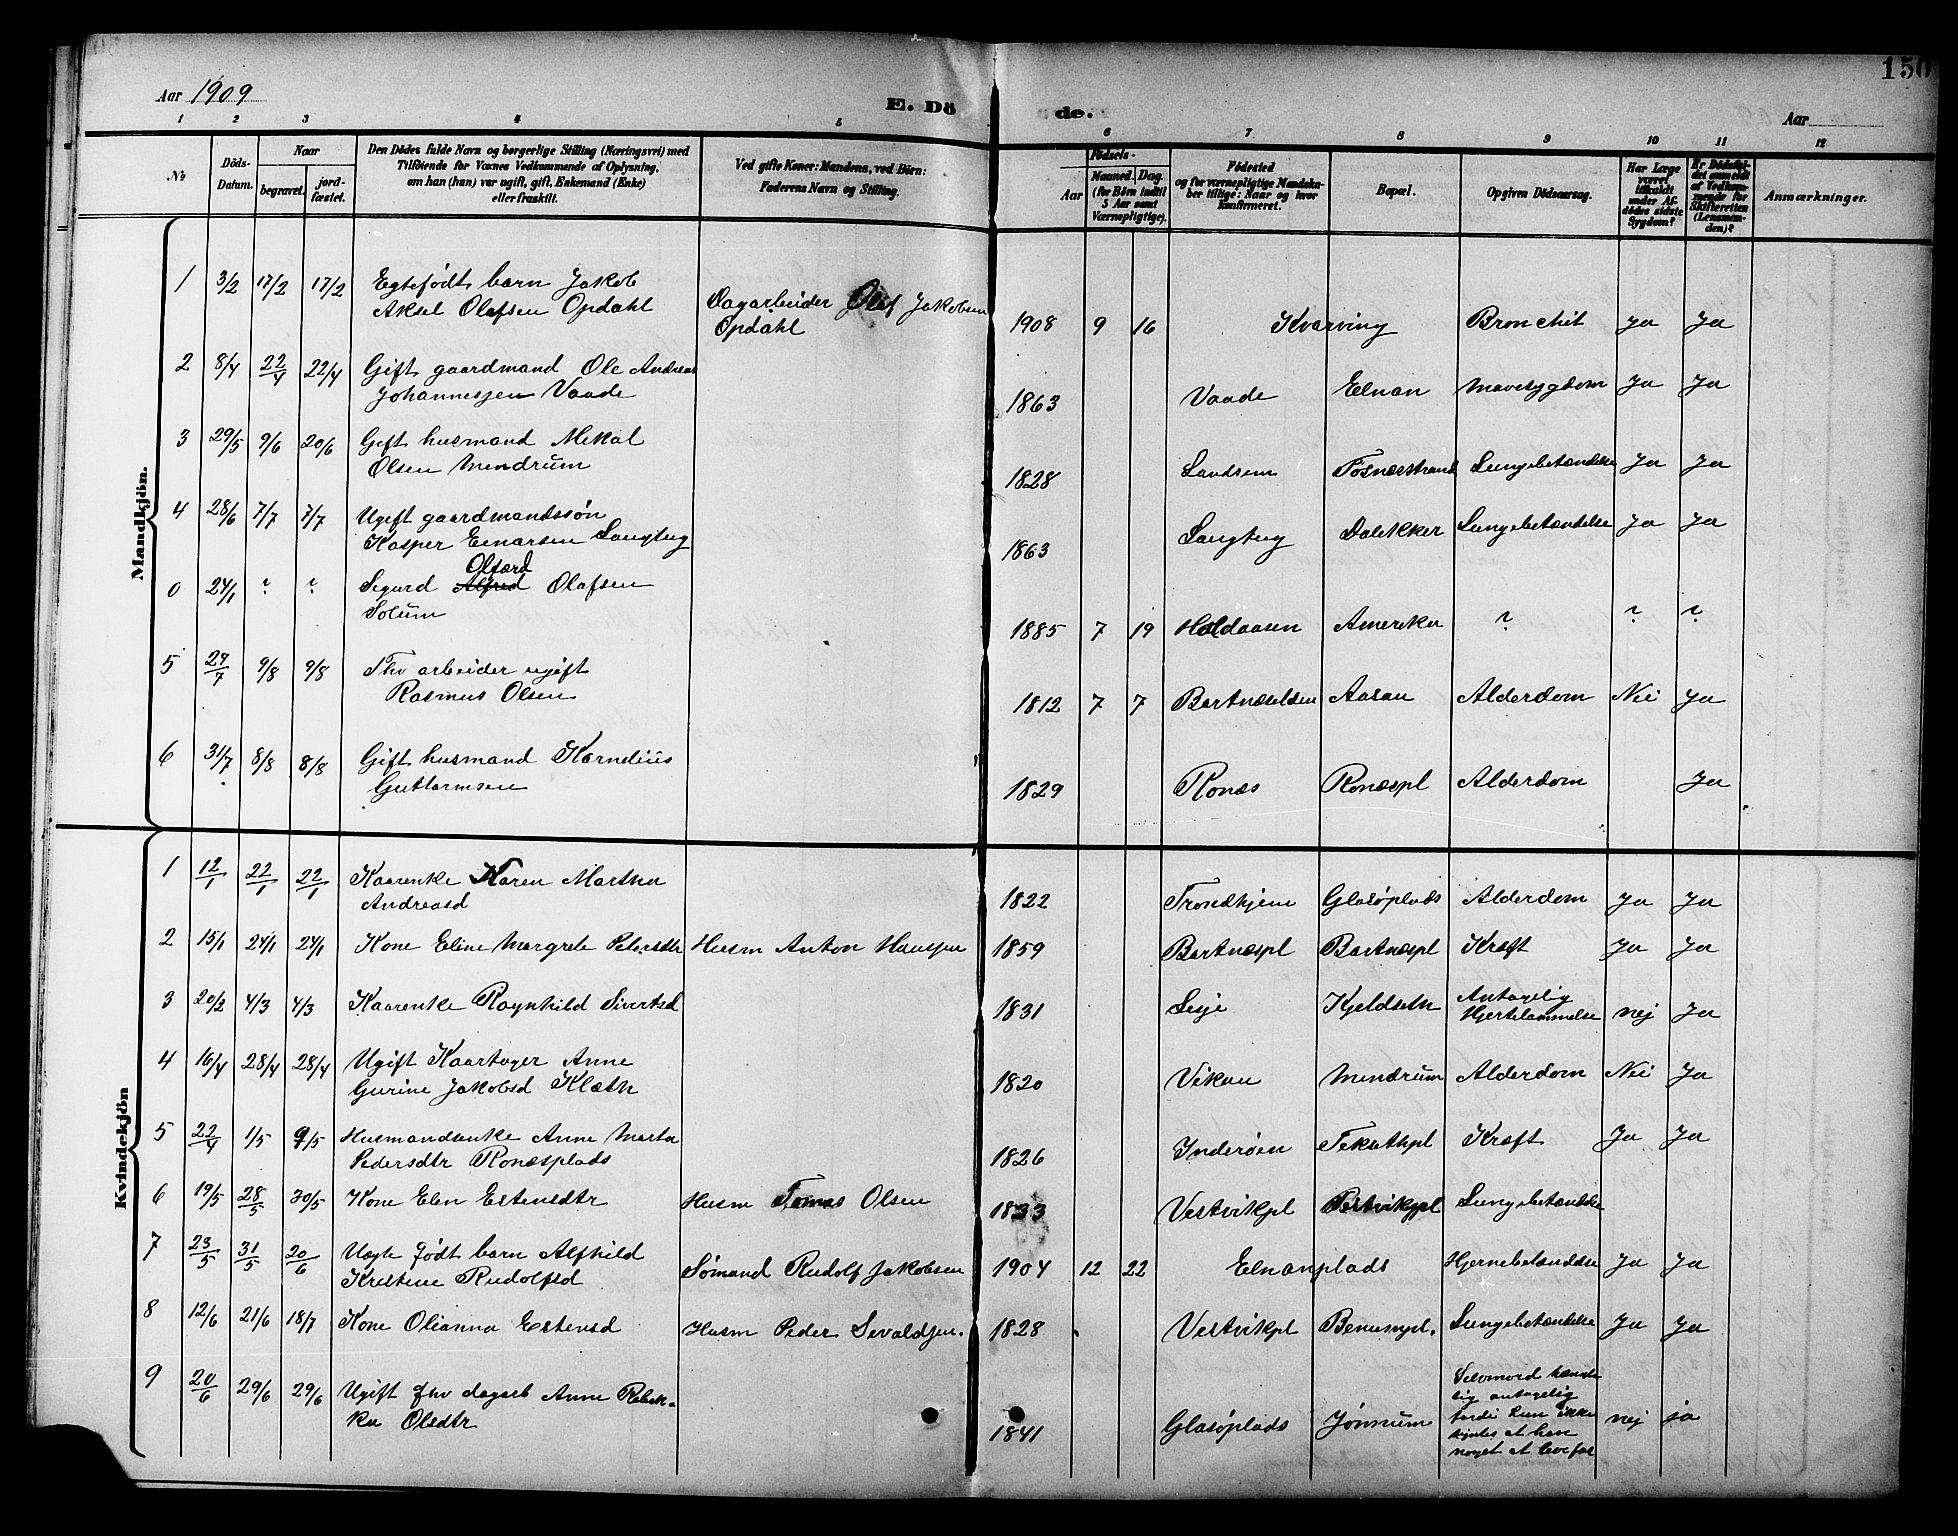 SAT, Ministerialprotokoller, klokkerbøker og fødselsregistre - Nord-Trøndelag, 741/L0401: Klokkerbok nr. 741C02, 1899-1911, s. 150